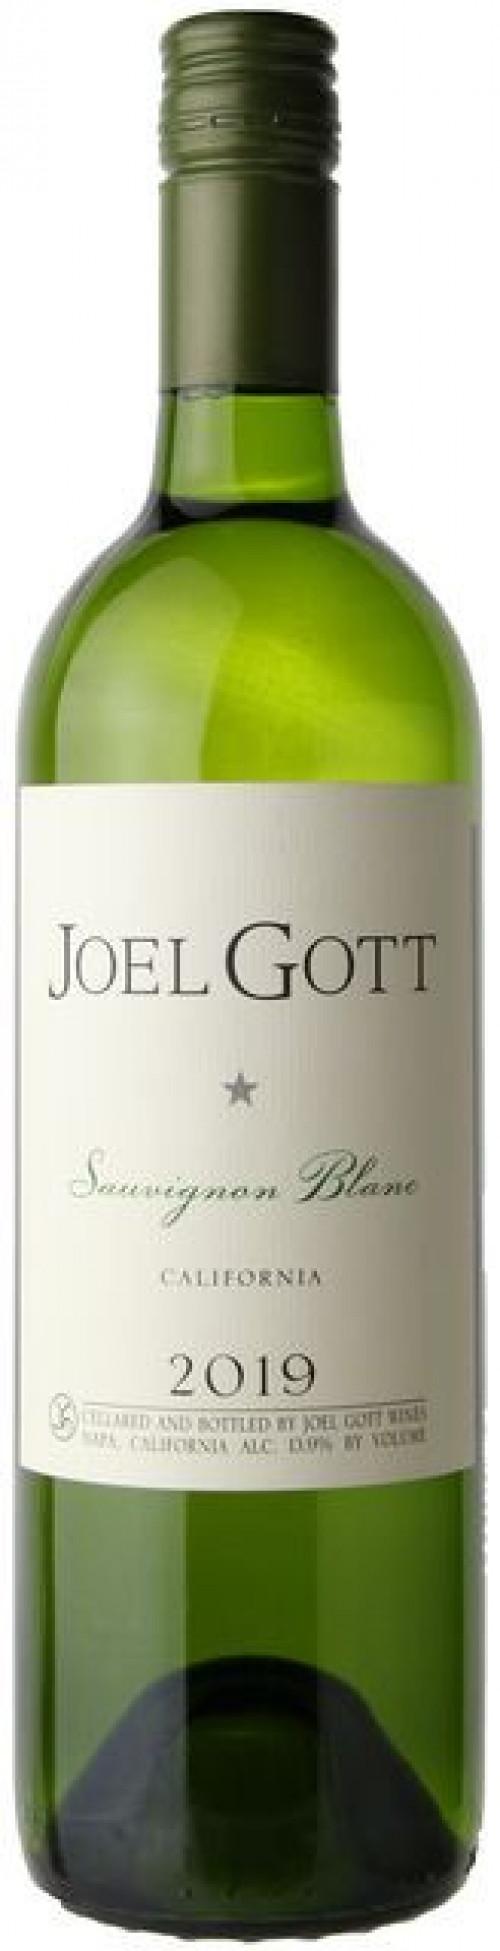 Joel Gott Sauvignon Blanc 750ml